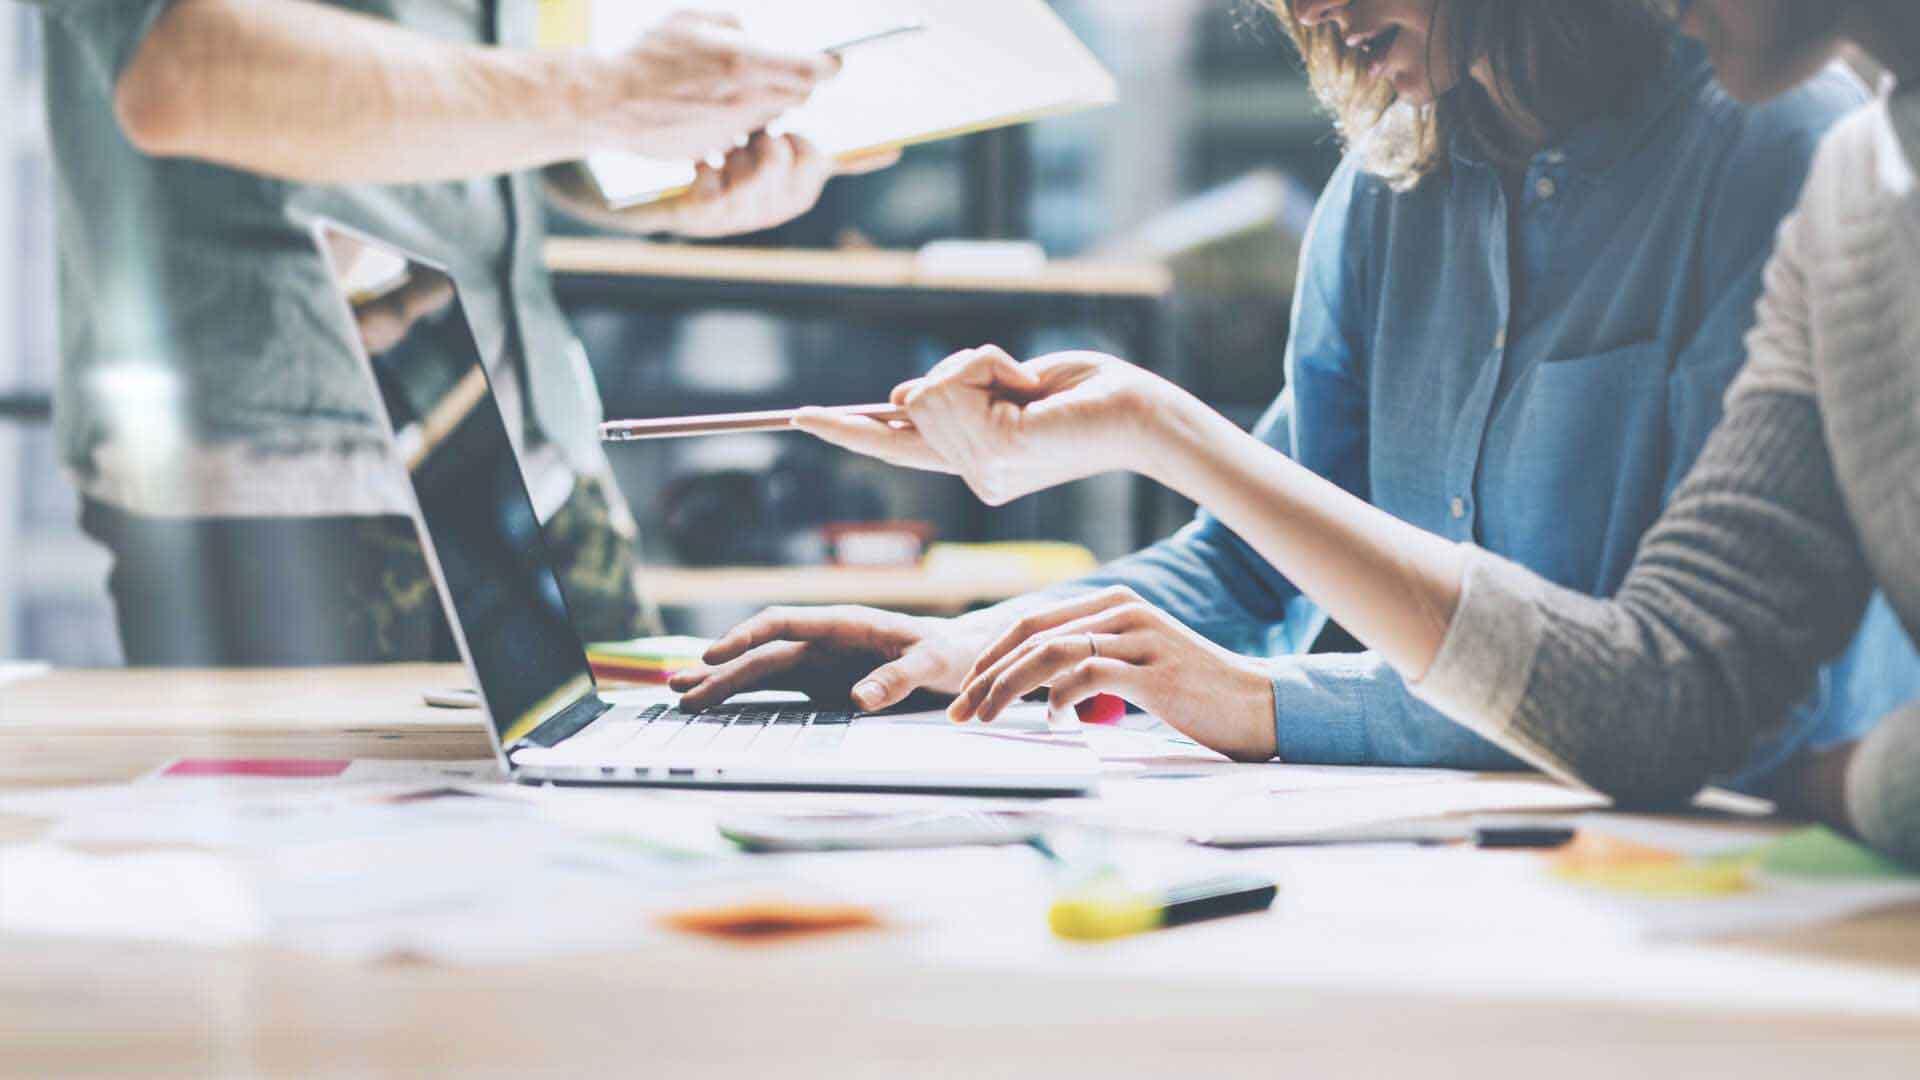 Типы сайтов: разработку какого сайта заказать?